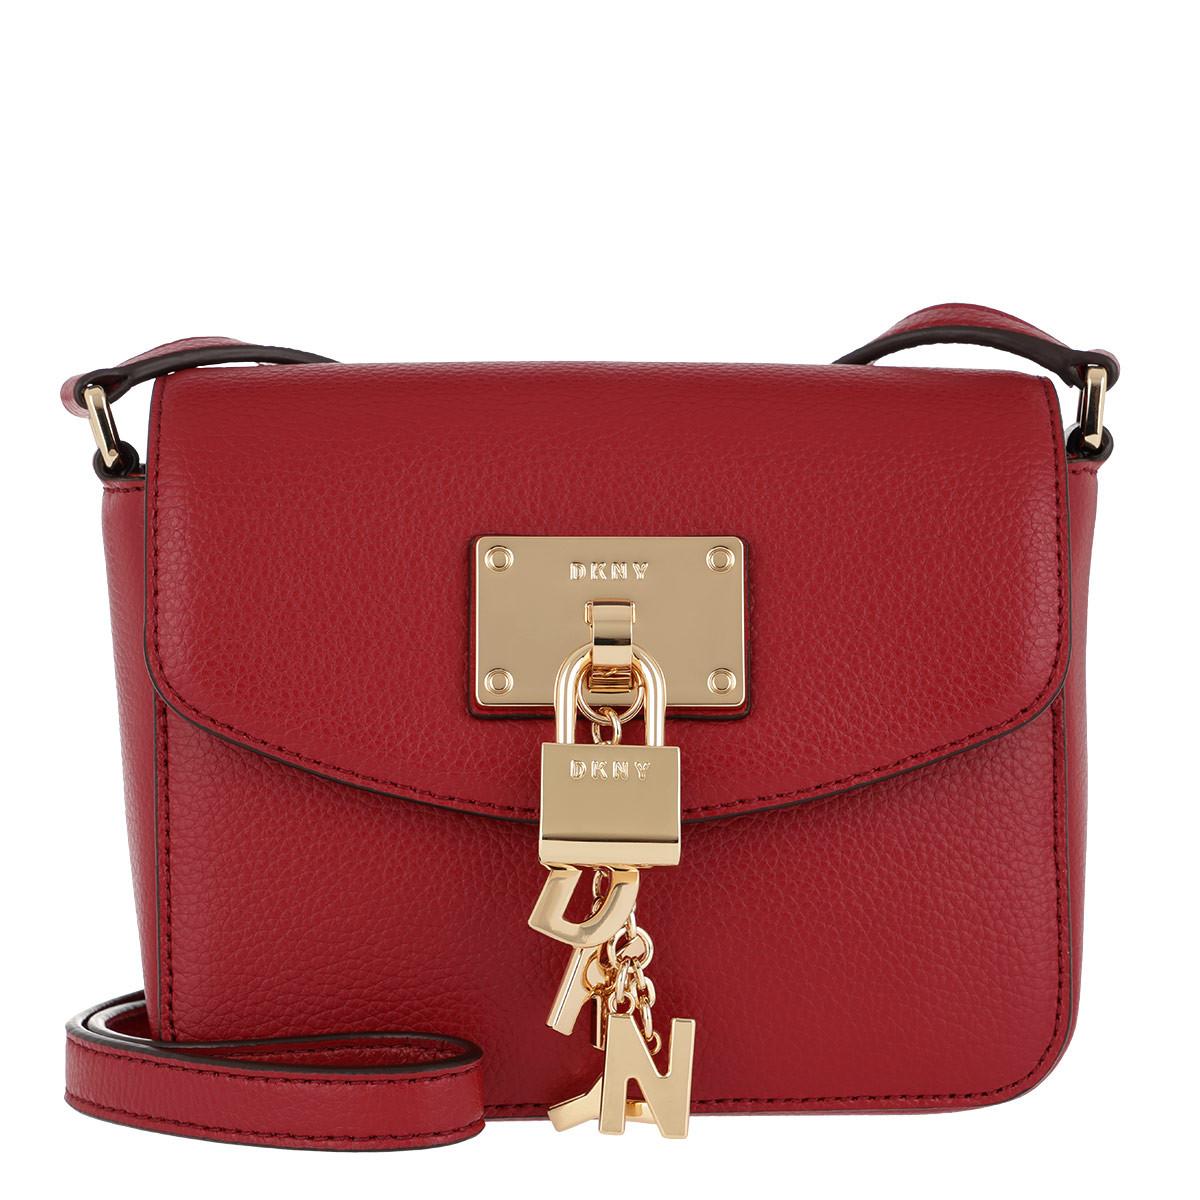 Tracolle Dkny - Elissa Piccolo Lembo Borsa Crossbody Rosso Brillante In Rosso Per Le Donne ePILr